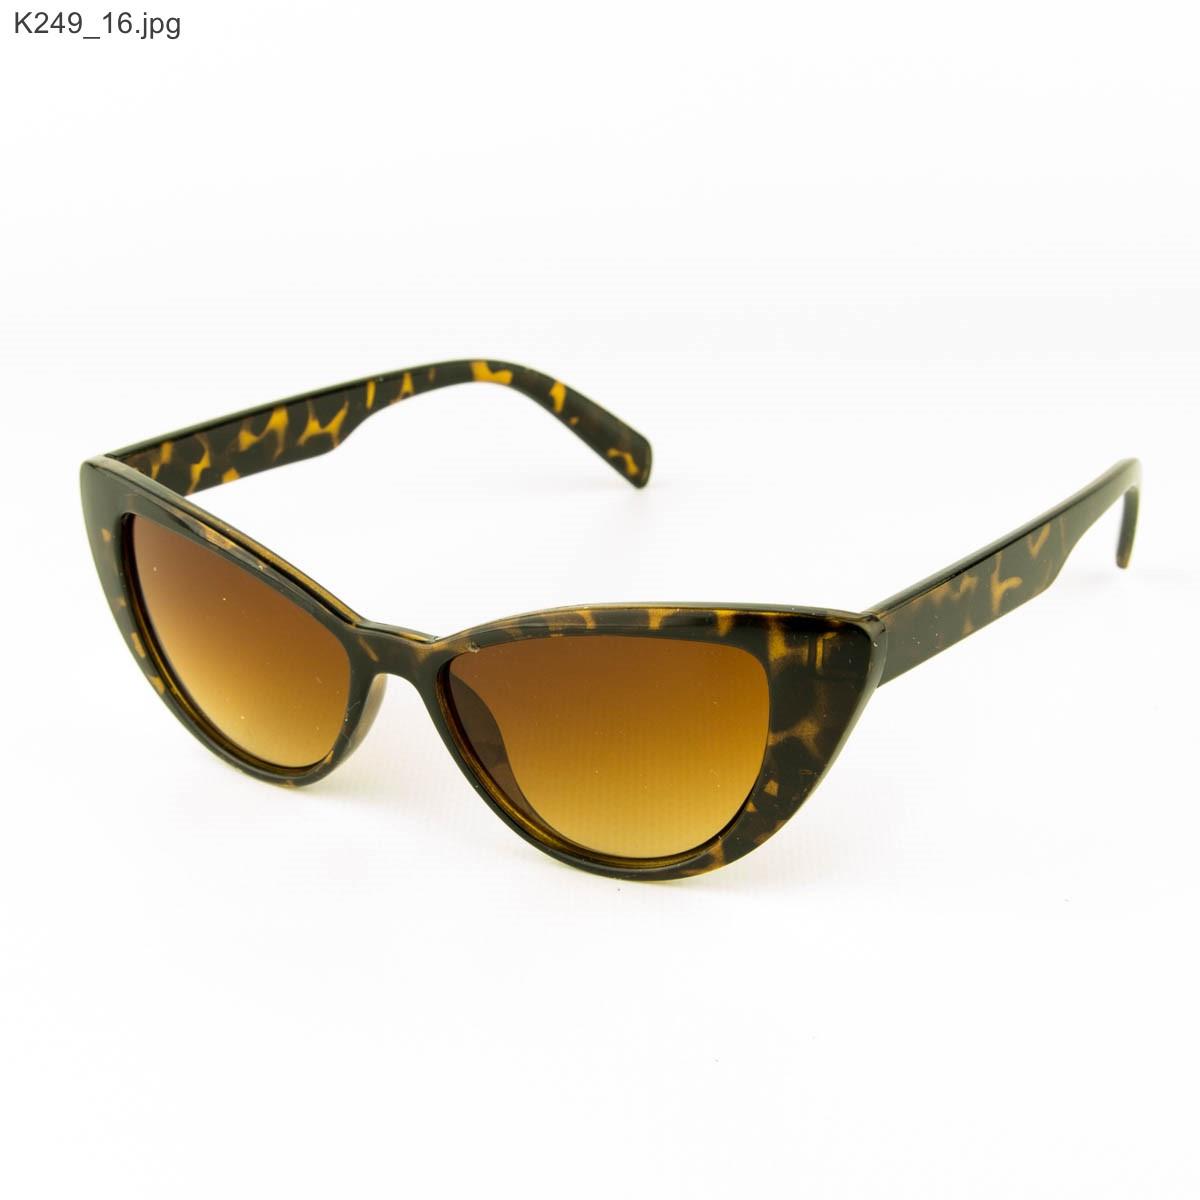 Очки солнцезащитные женские кошачий глаз - Леопардовые - К249